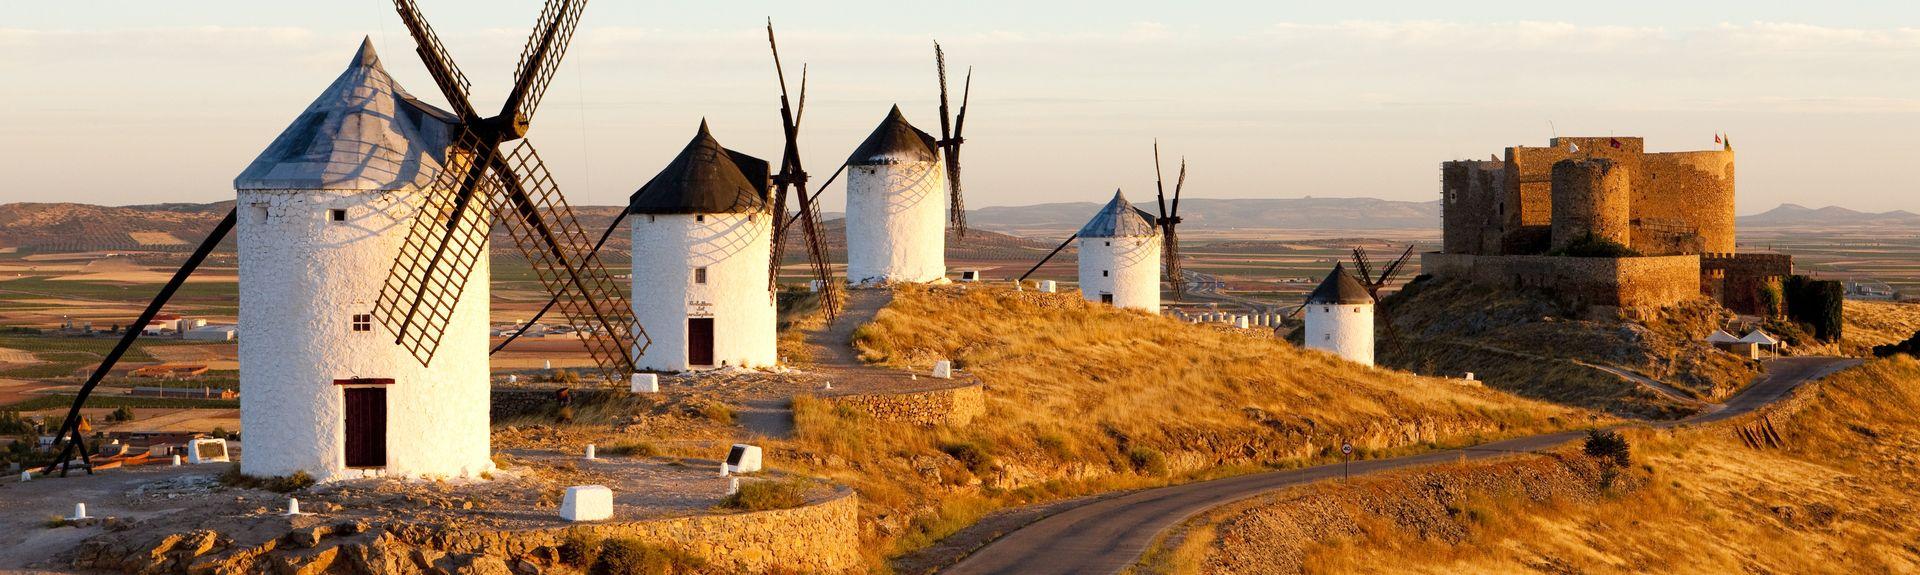 Castela - La Mancha, Espanha